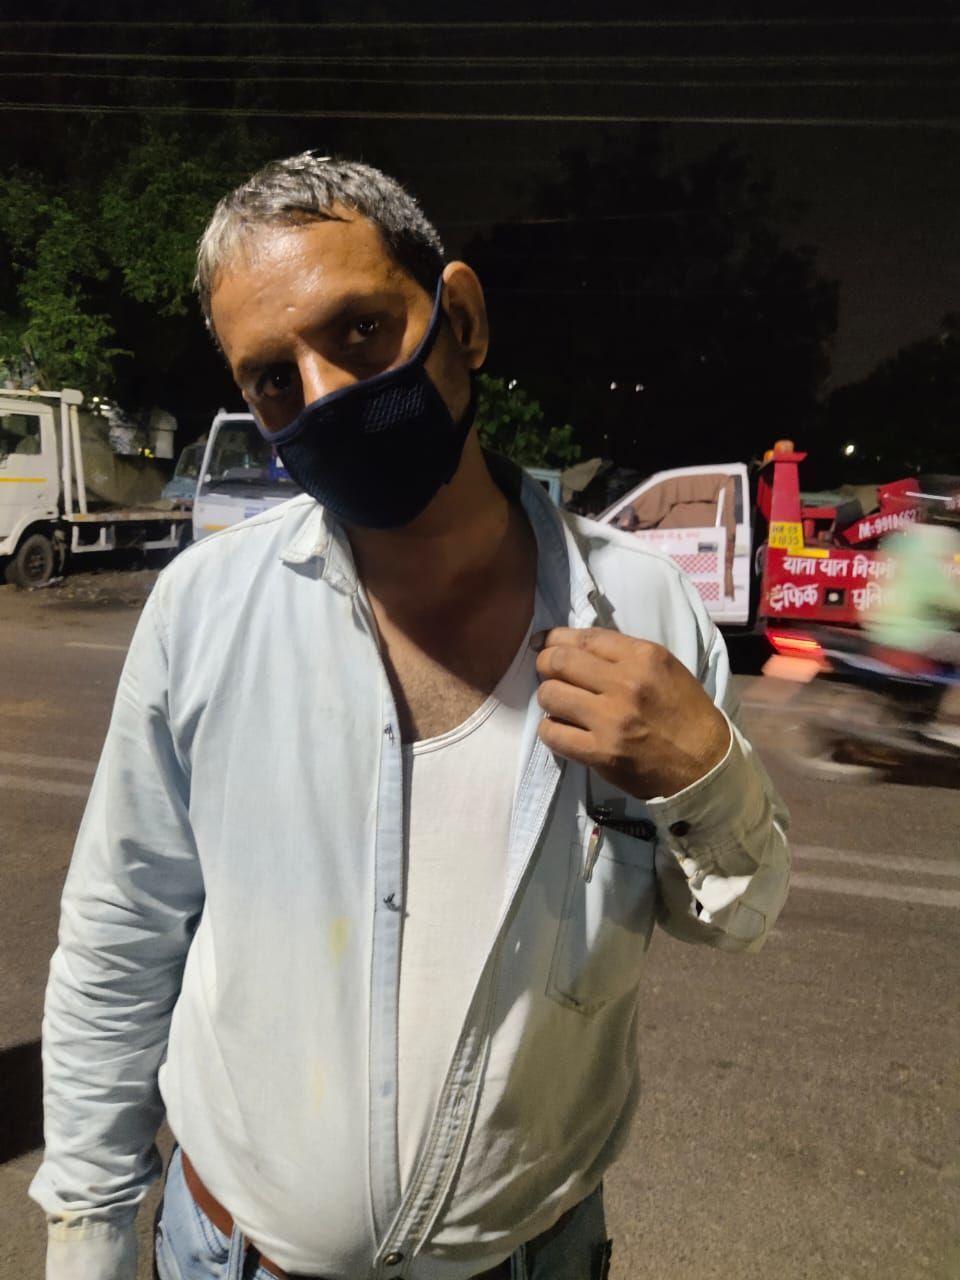 नोएडा: लोकतंत्र के चौथे स्तंभ पर फिर हुआ हमला,दंबगों ने की पत्रकार से मारपीट